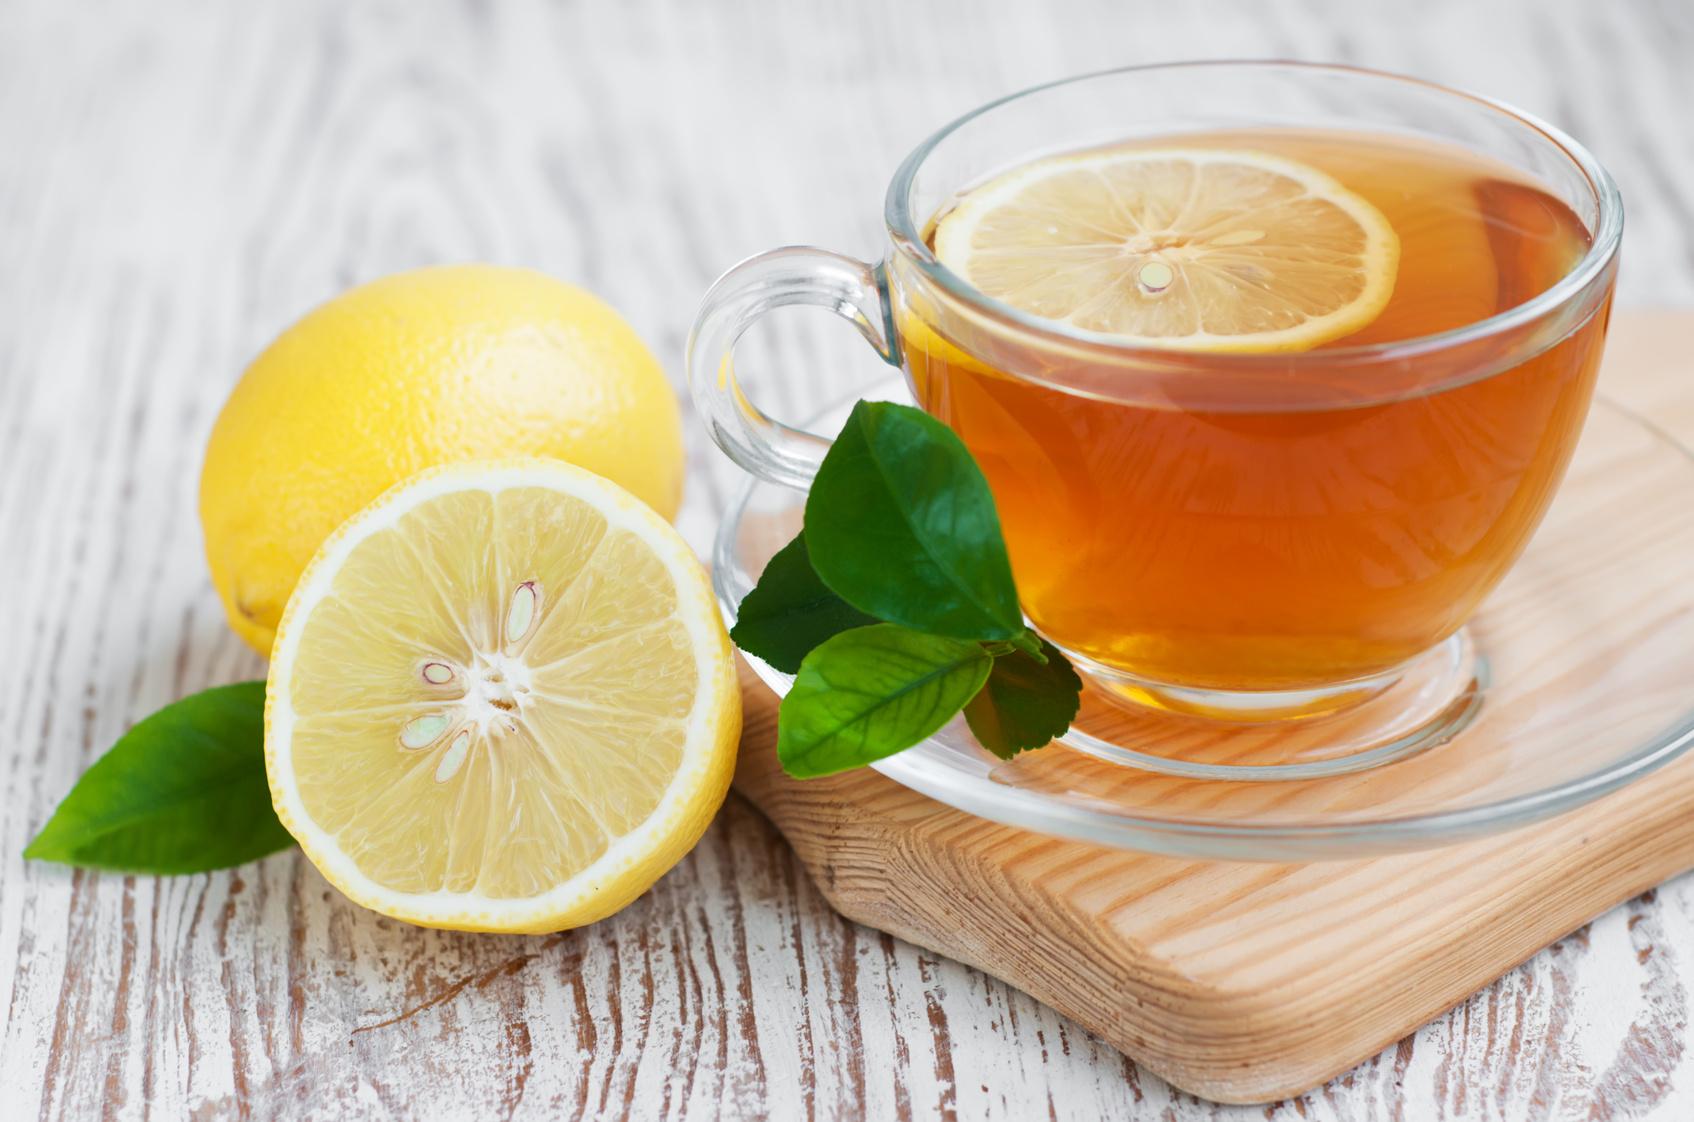 еда чай лимон мята eda tea lemon flicking  № 676180 без смс